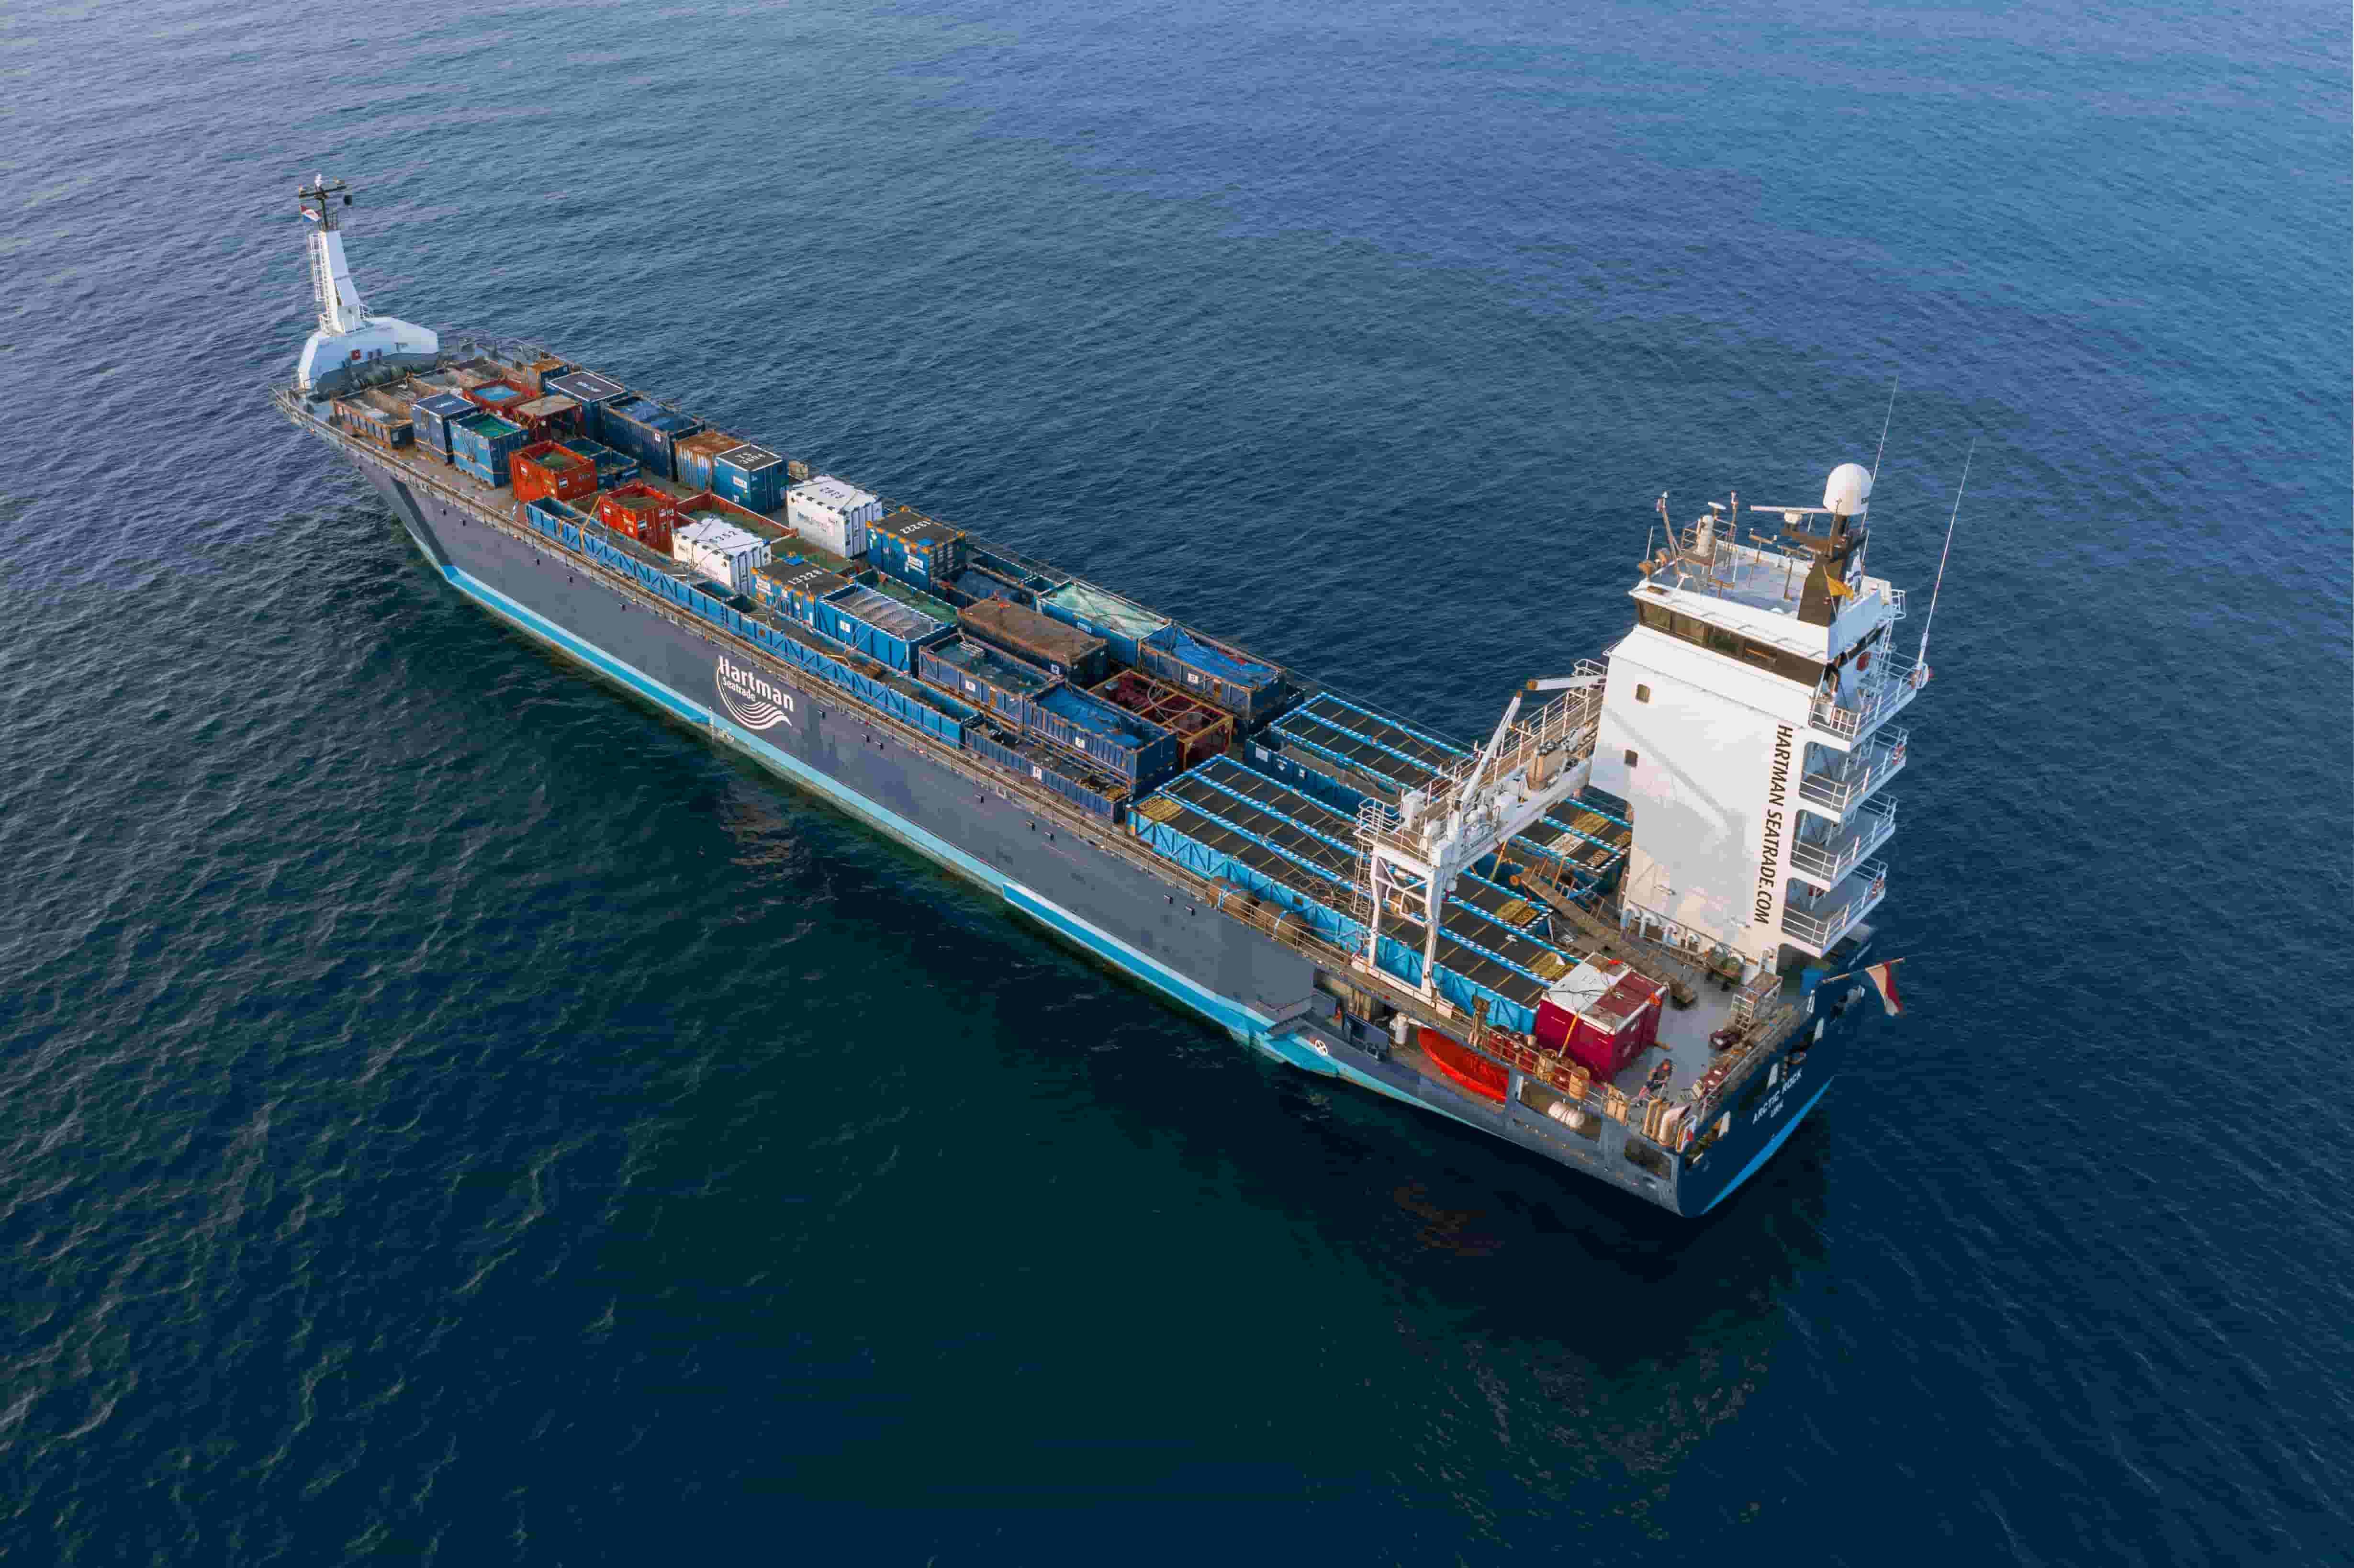 Експертна оцінка морських суден, ВИРОБЛЯЄМО РОЗРАХУНОК РИНКОВОЇ ВАРТОСТІ